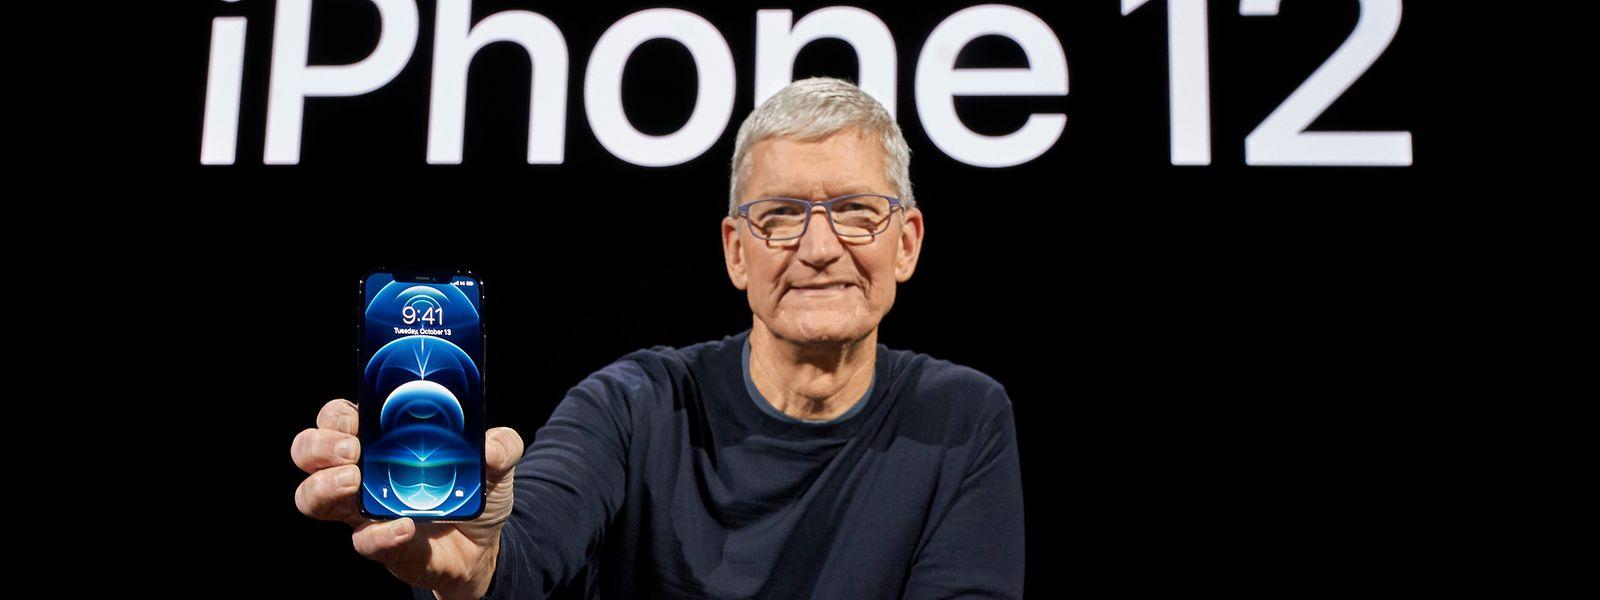 Un tiers des usagers d'iPhone pourraient changer de modèle rapidement pour s'adapter au réseau 5G.